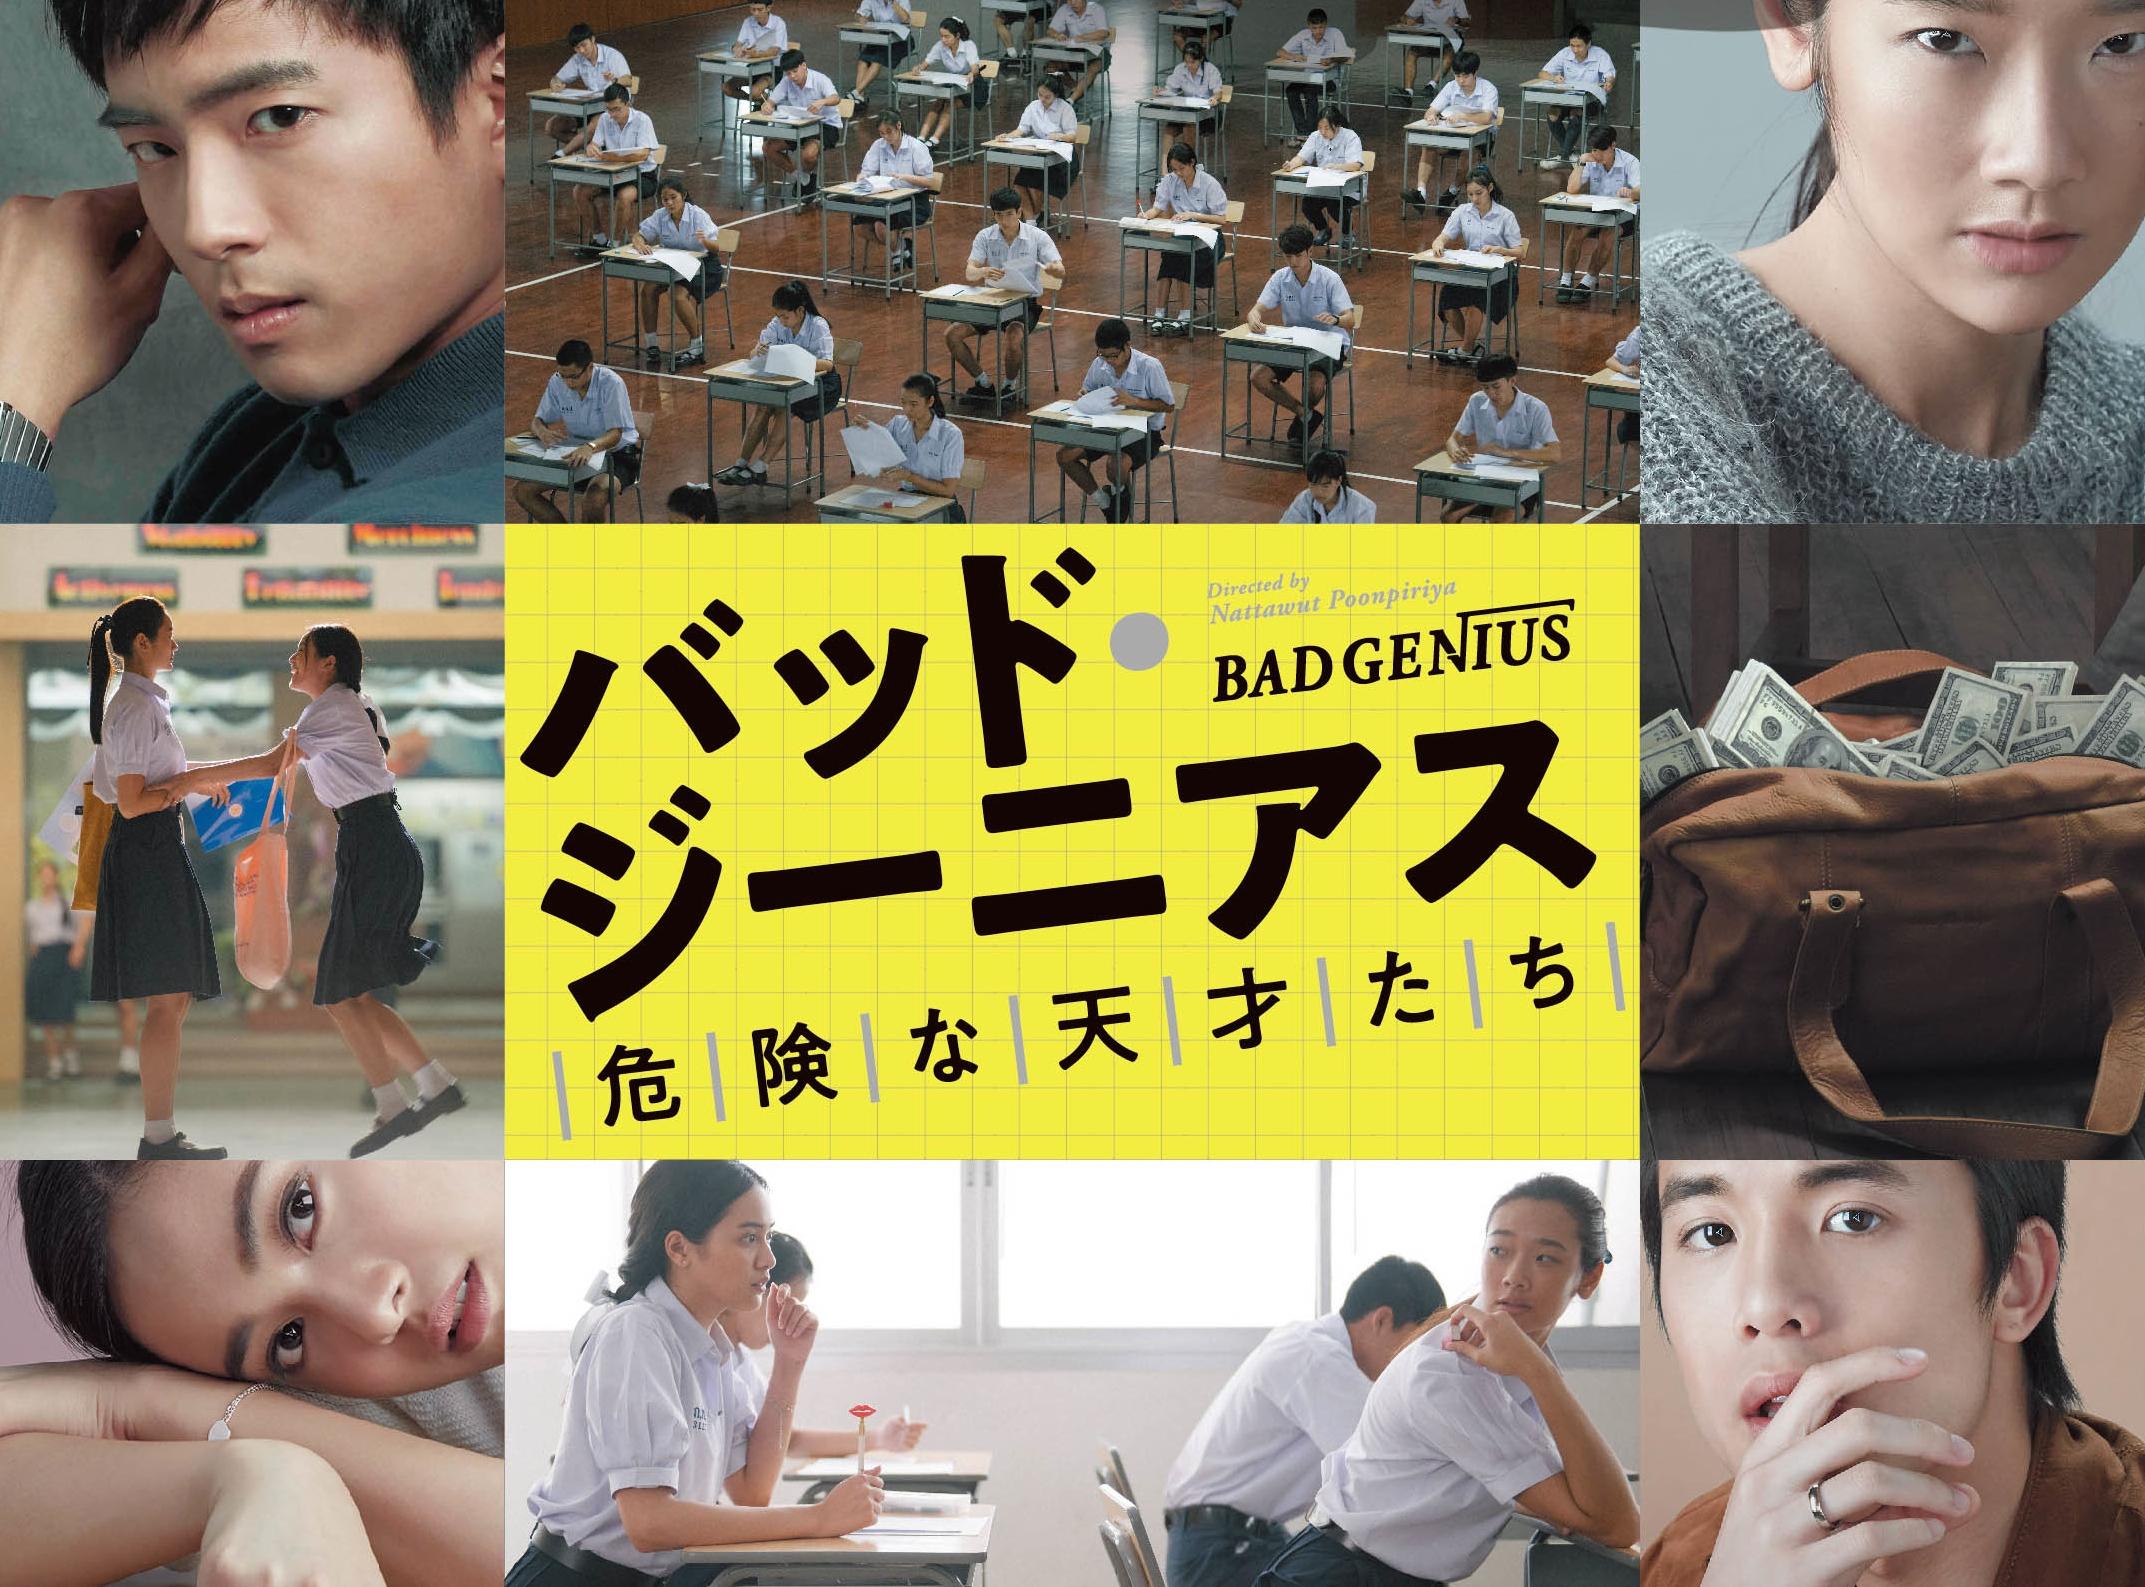 ドキドキが止まらない!タイ映画史上歴代No.1の大ヒット映画が日本にやってくる